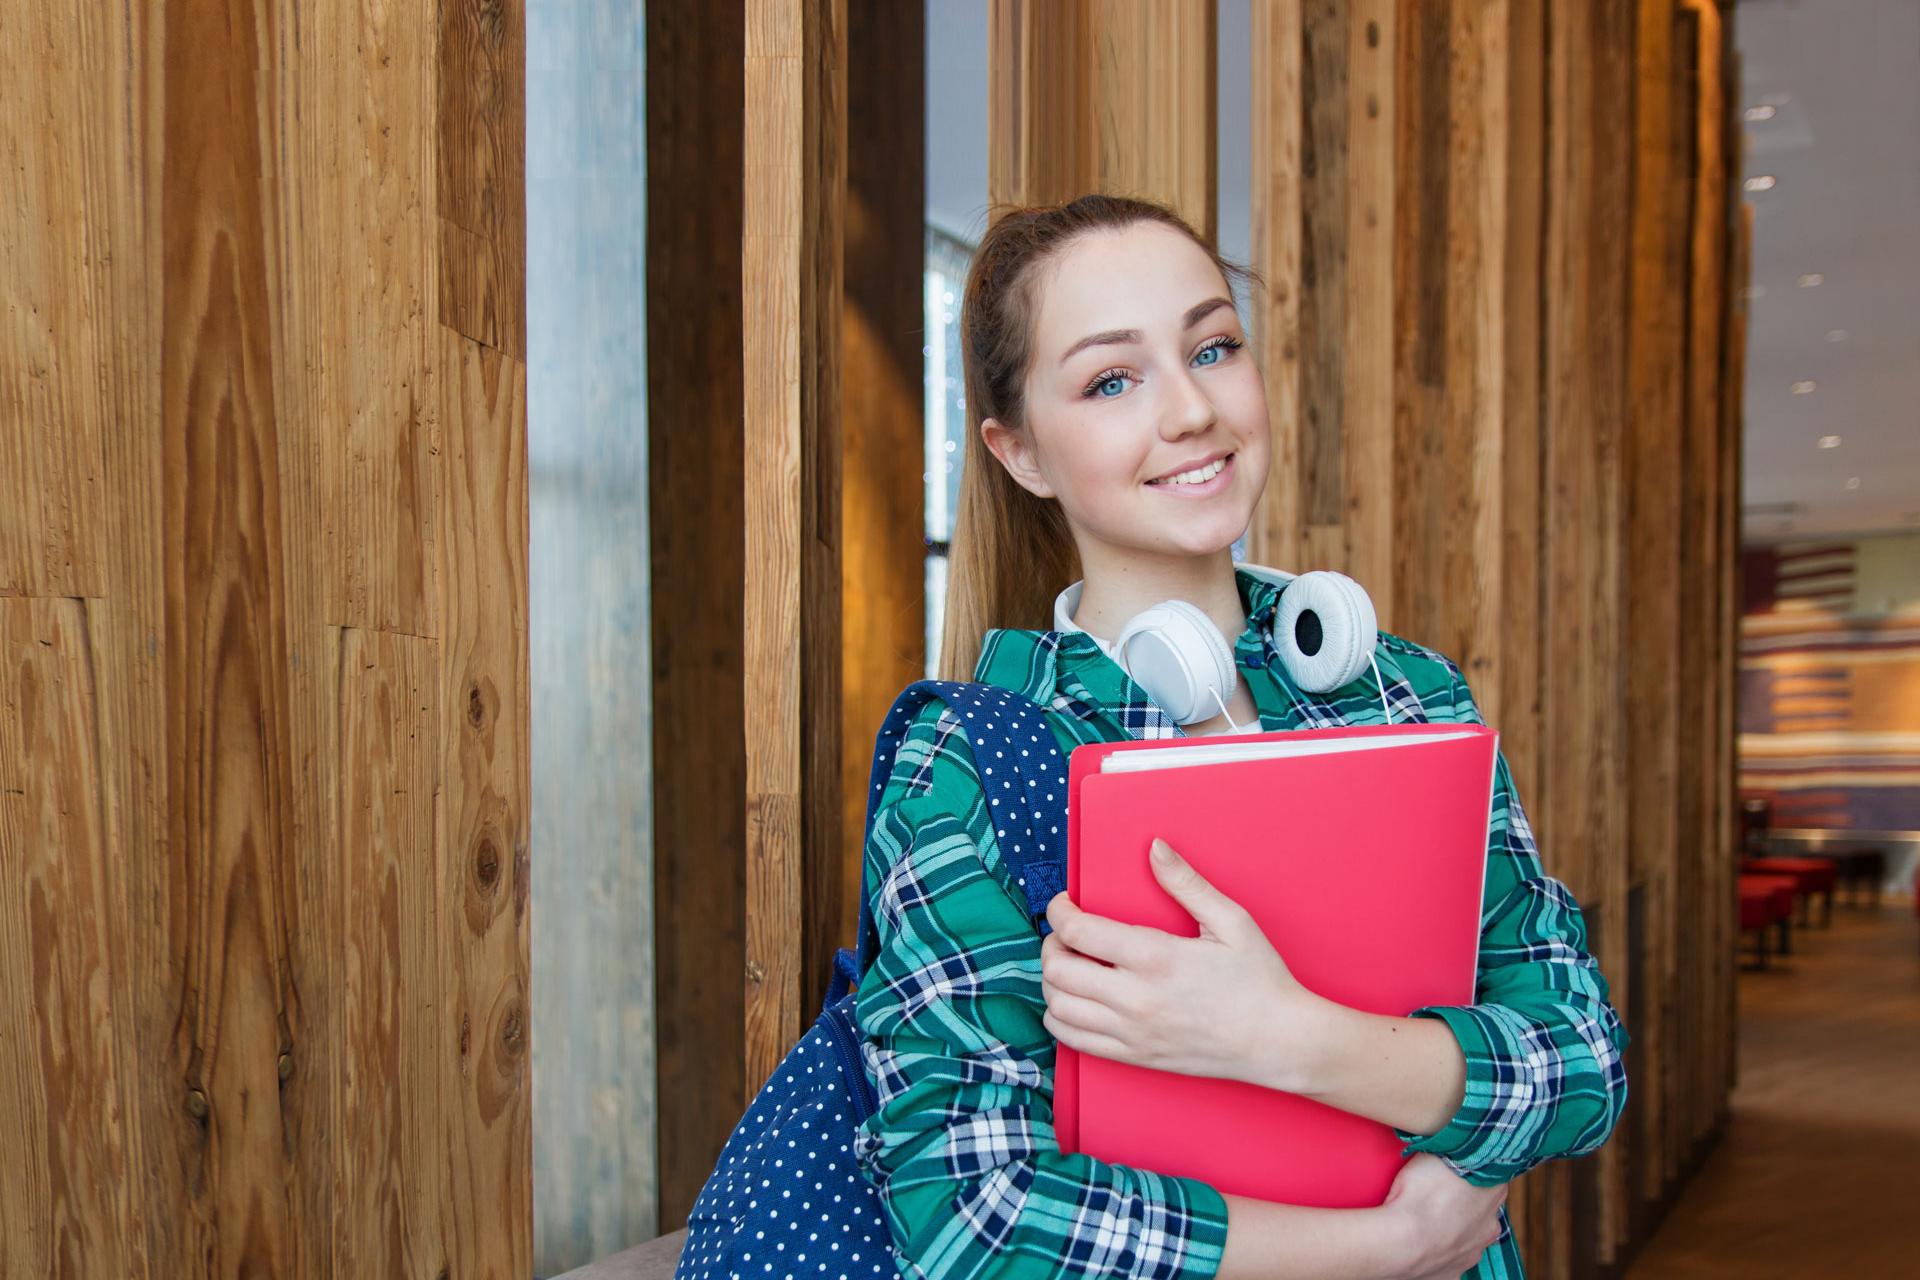 Studentin lächelt und hat eine Mappe in der Hand